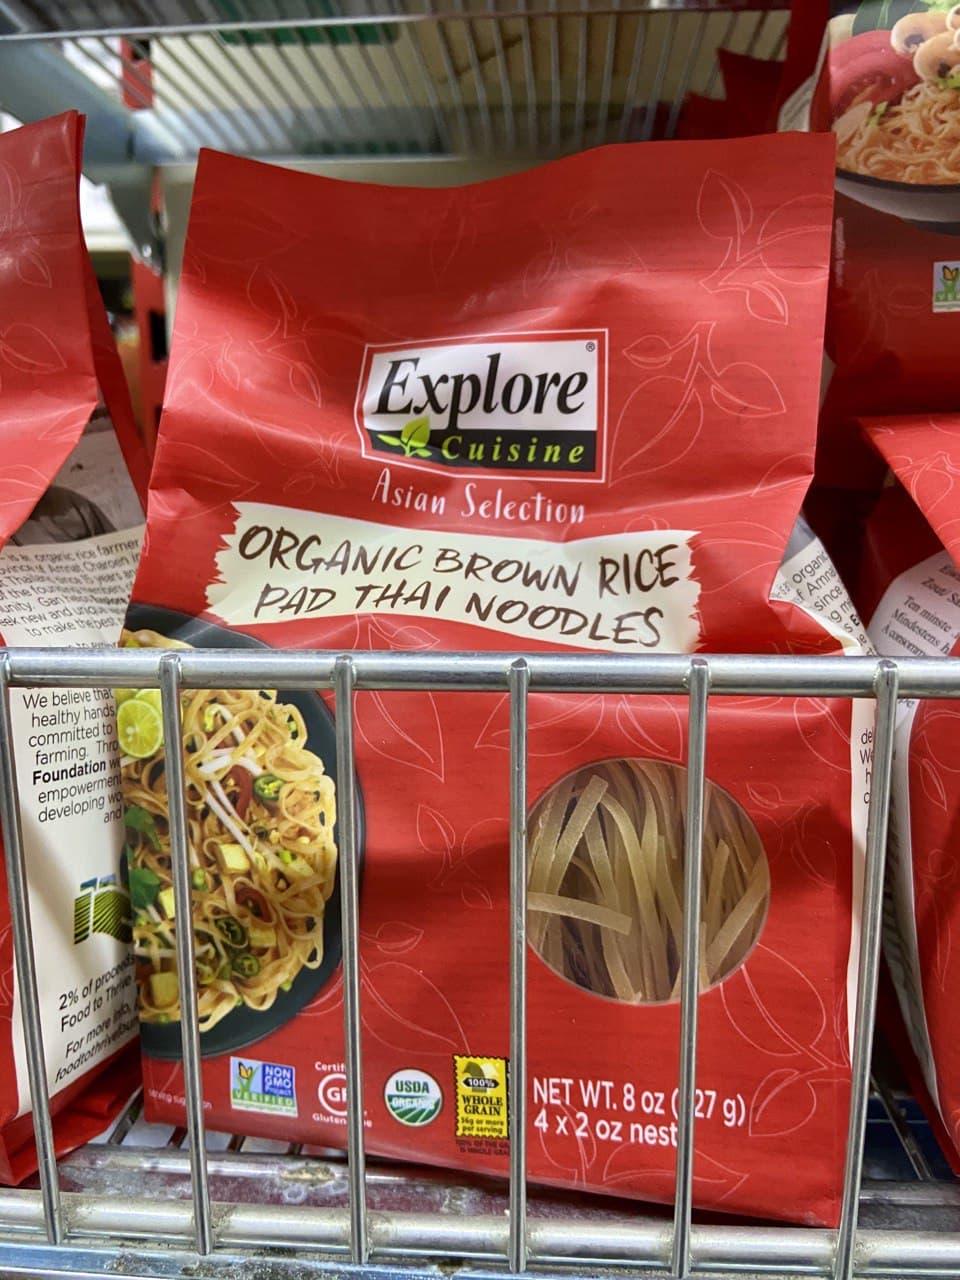 Glutenfreie Pad Thai Nudeln im Coco Asian Supermarkt in Wien - glutenfrei deklariert!